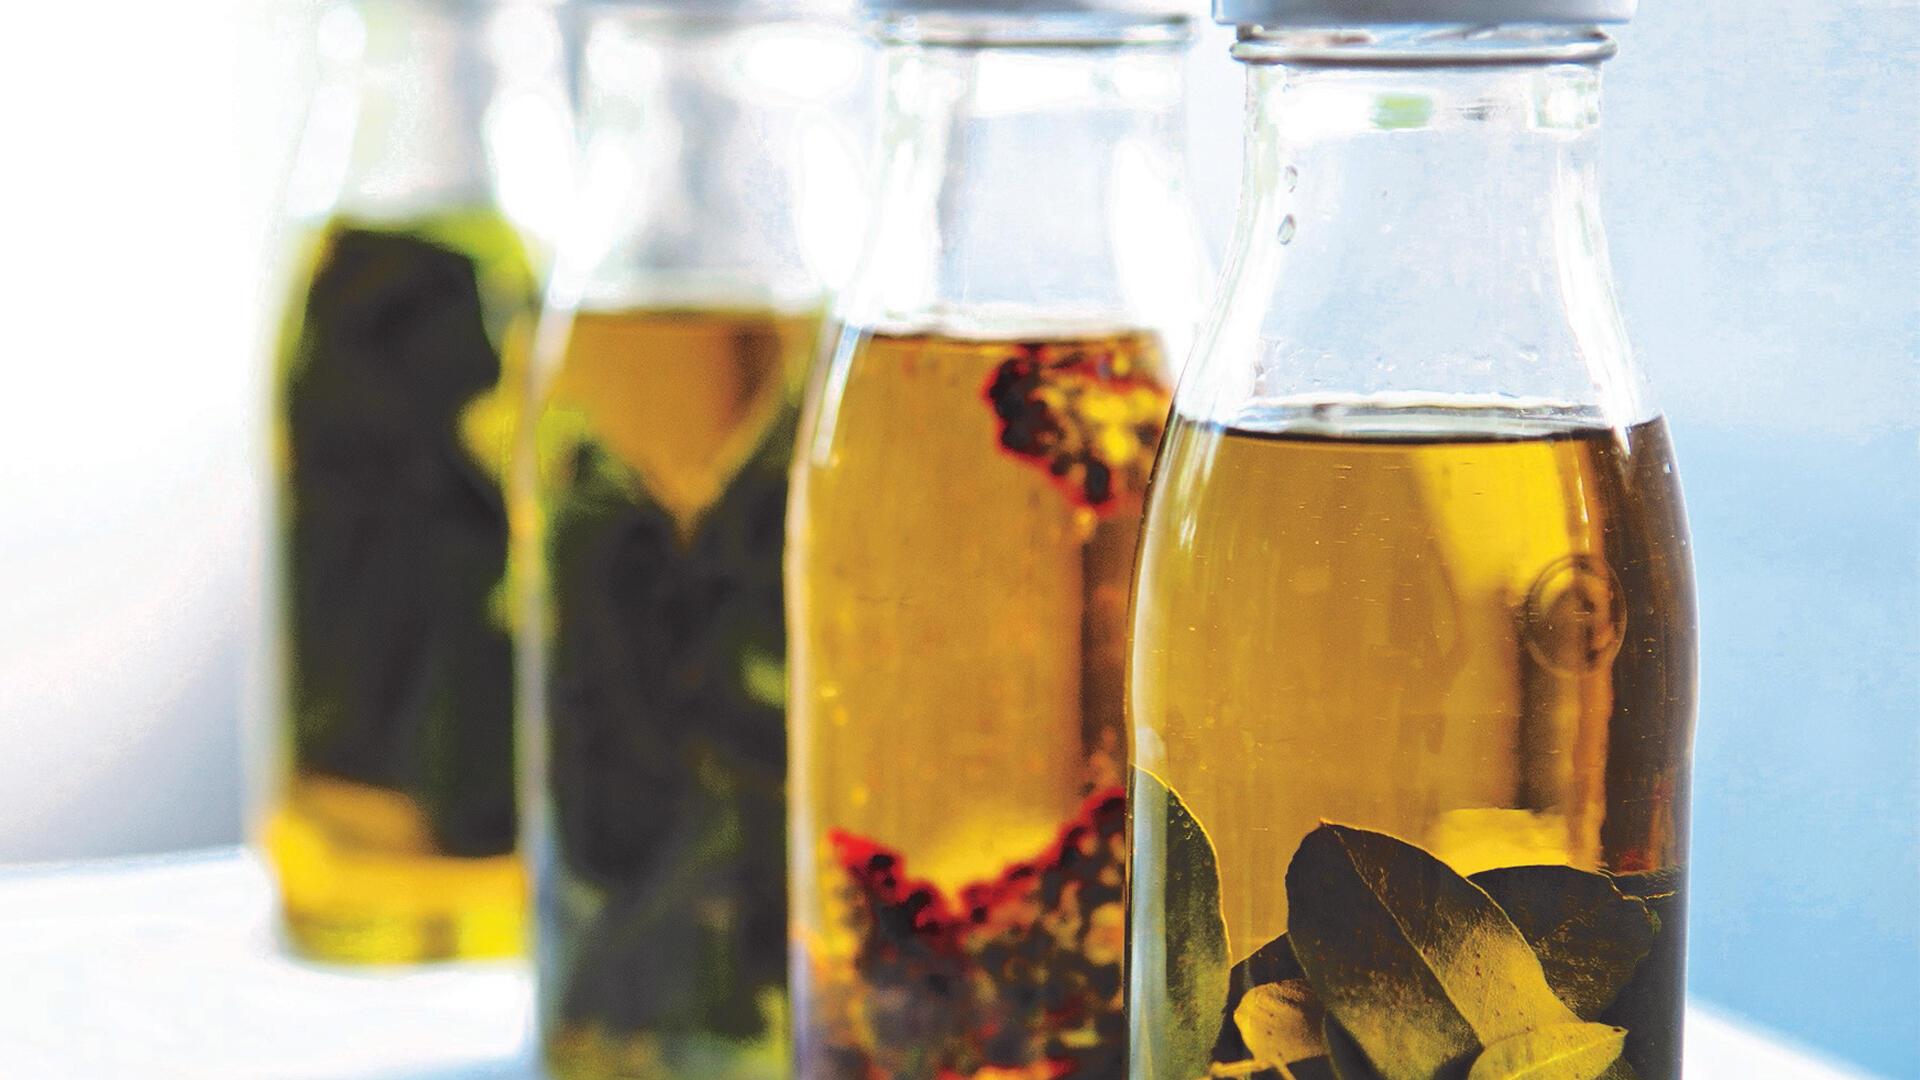 La cuisine des arbres - huiles parfumées - Ulmer - Le Goût du monde 31 juillet 2021